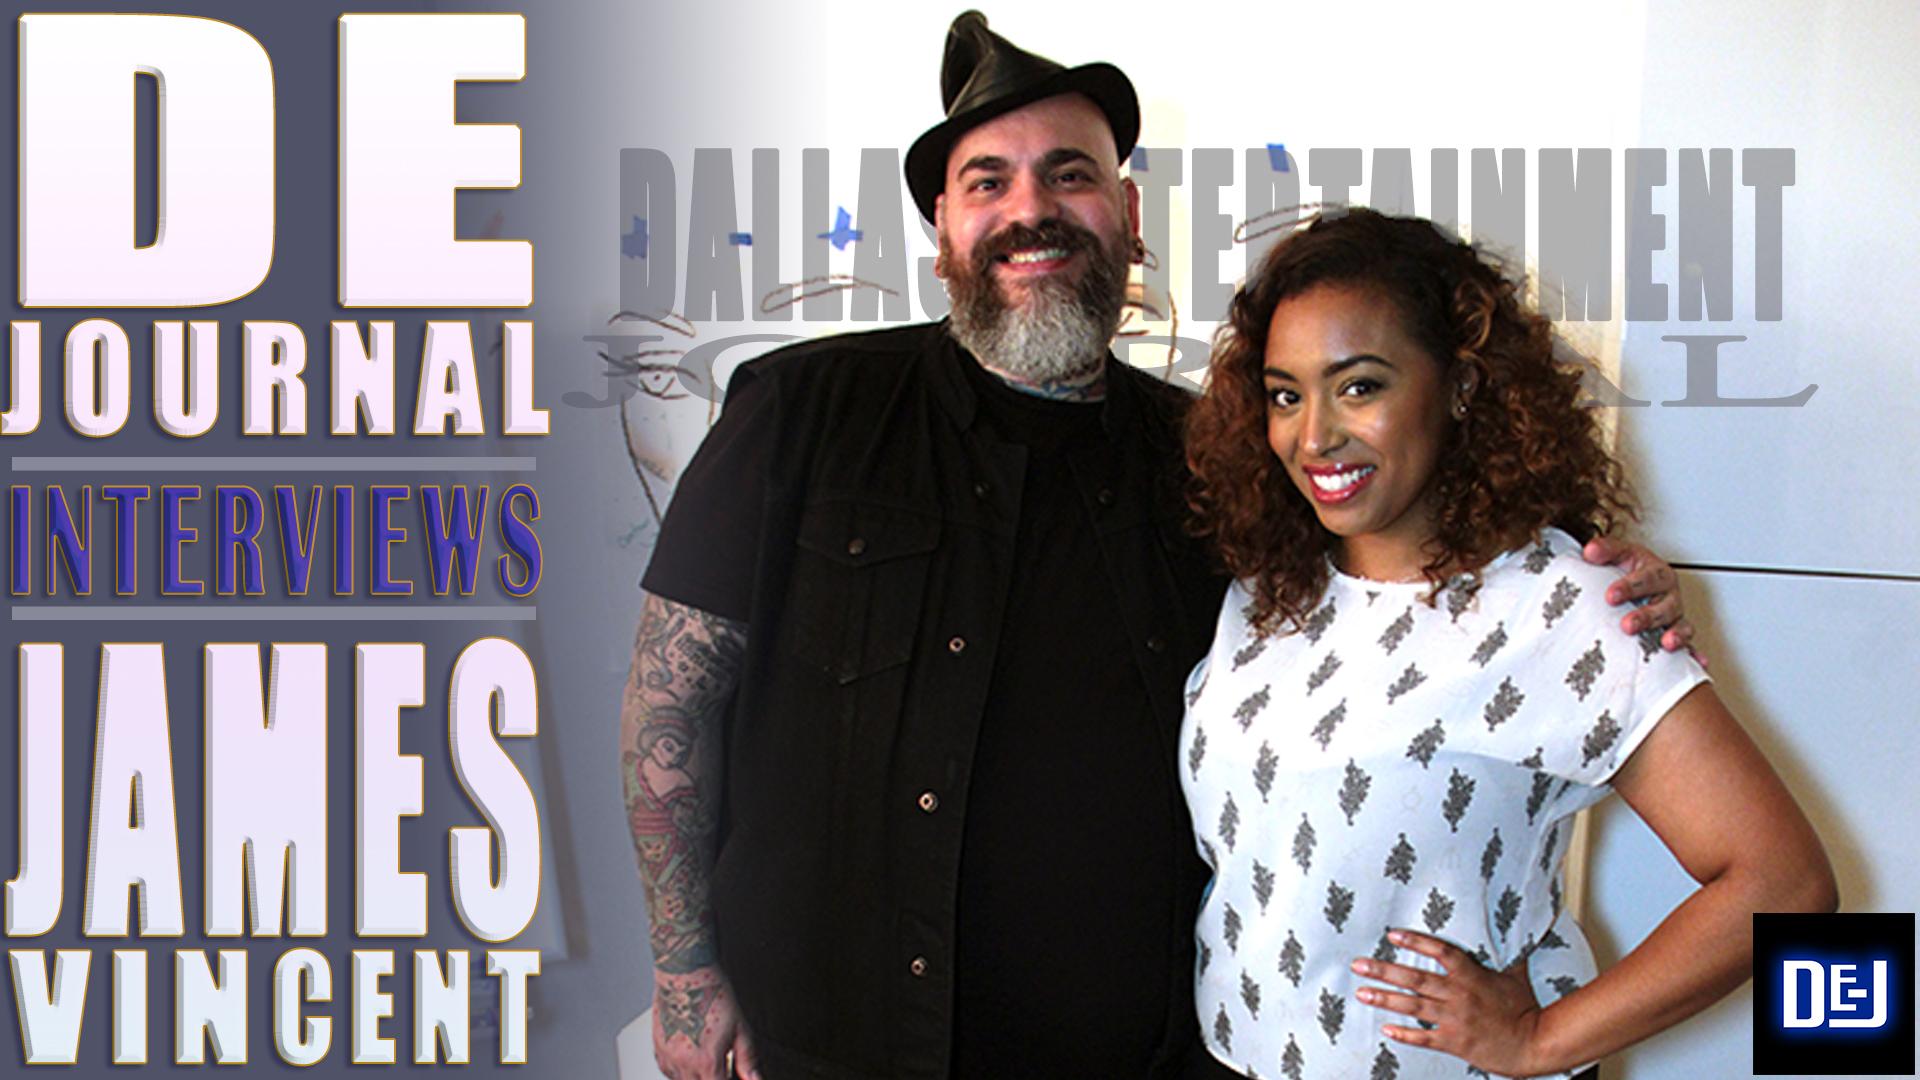 DEJ Dallas Entertainment Journal Interviews James Vincent Jasmine Ellis Makeup Show Dallas Texas